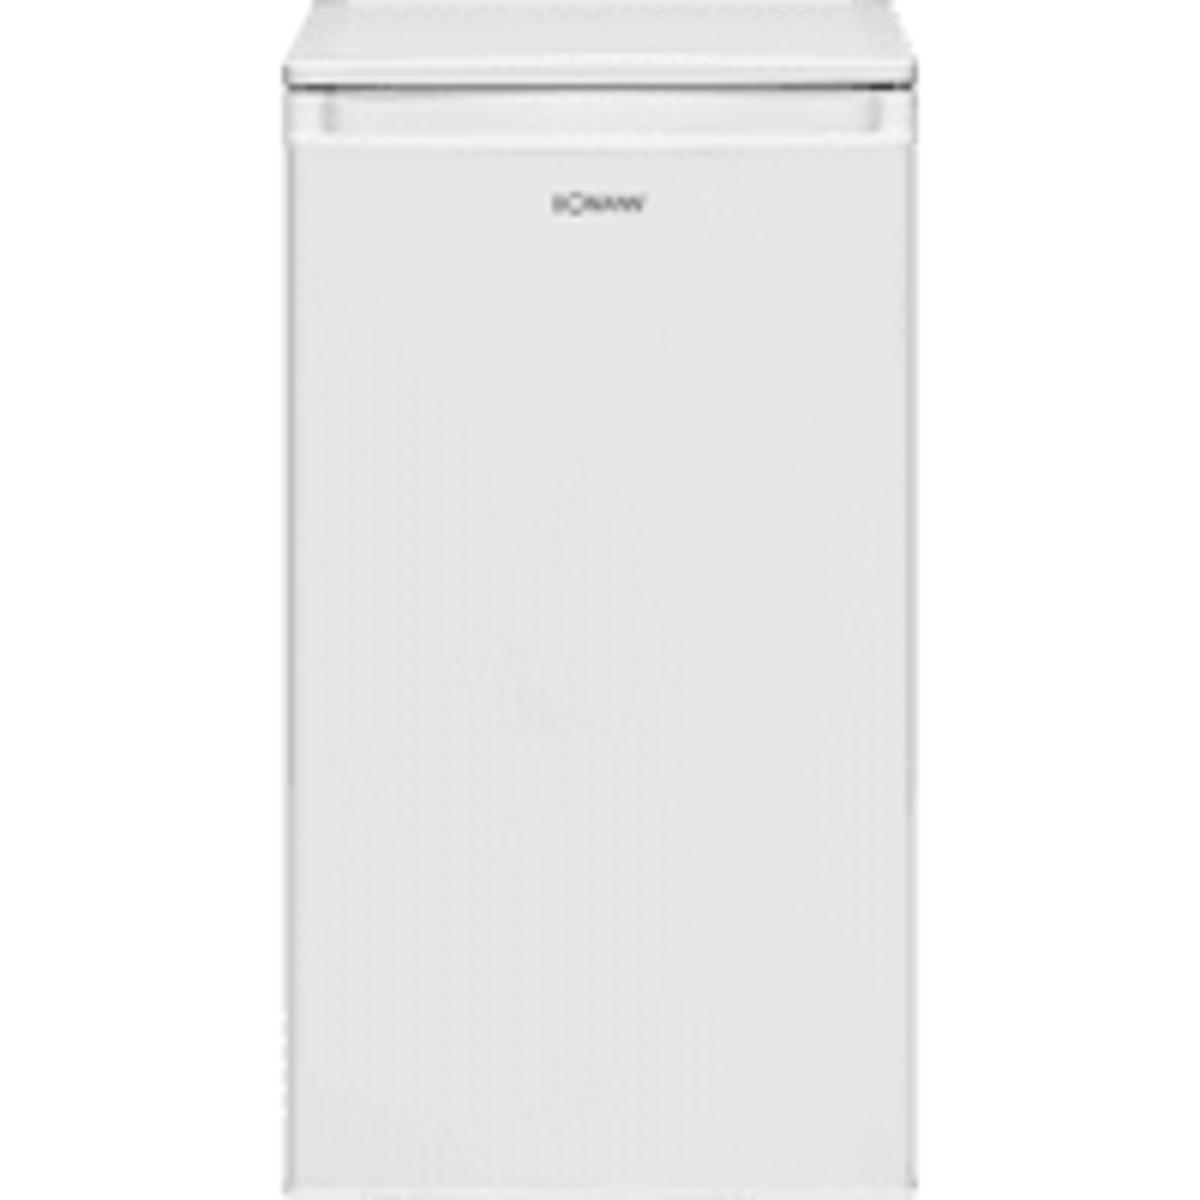 Bild 1 von BOMANN VS 7231 Kühlschrank (110 kWh/Jahr, A+, 831 mm hoch, Weiß)